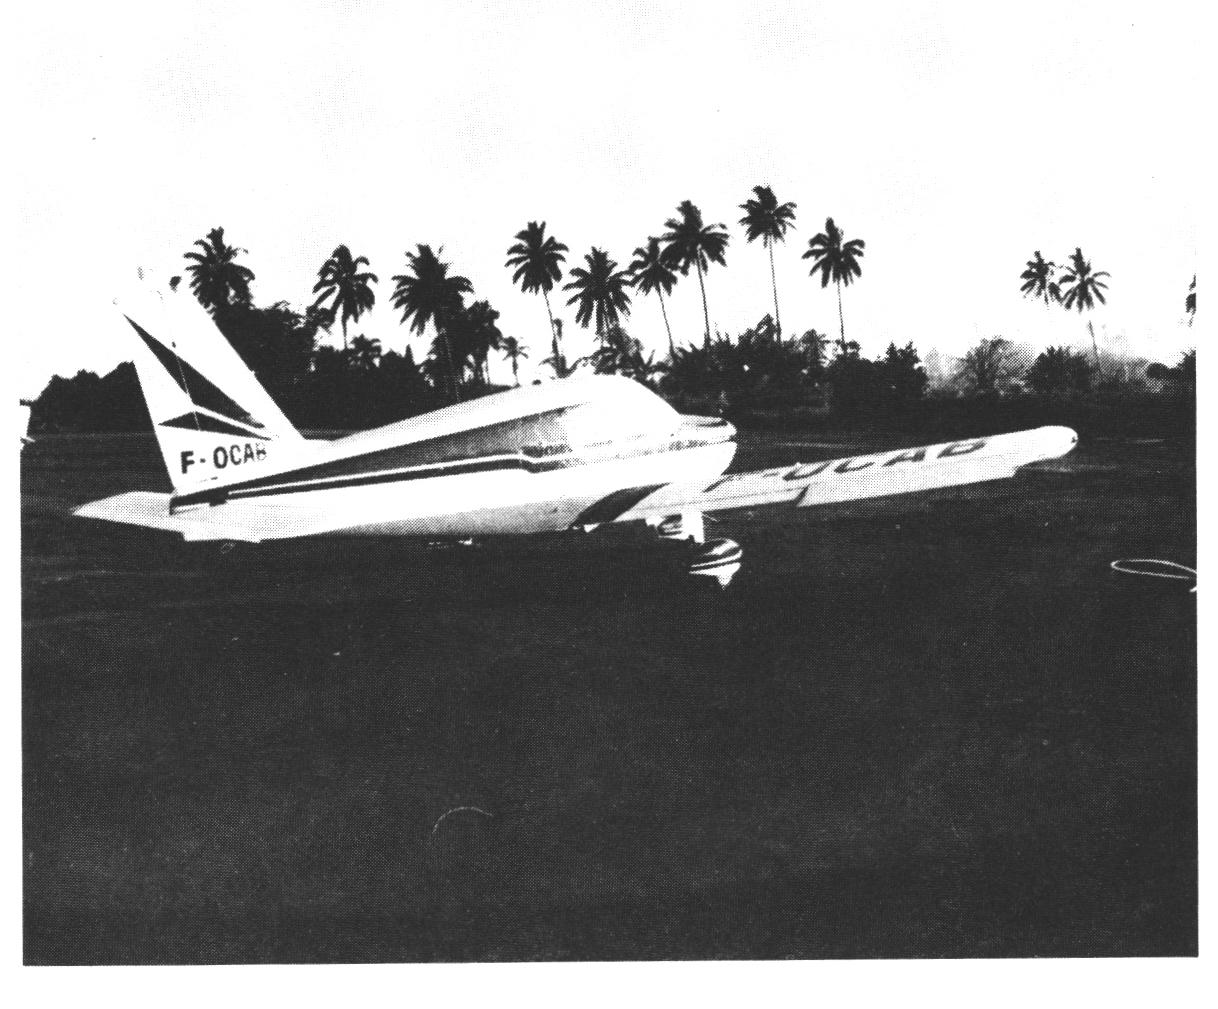 tahiti et l u2019aviation - 1964  a u00e9ro-club de tahiti